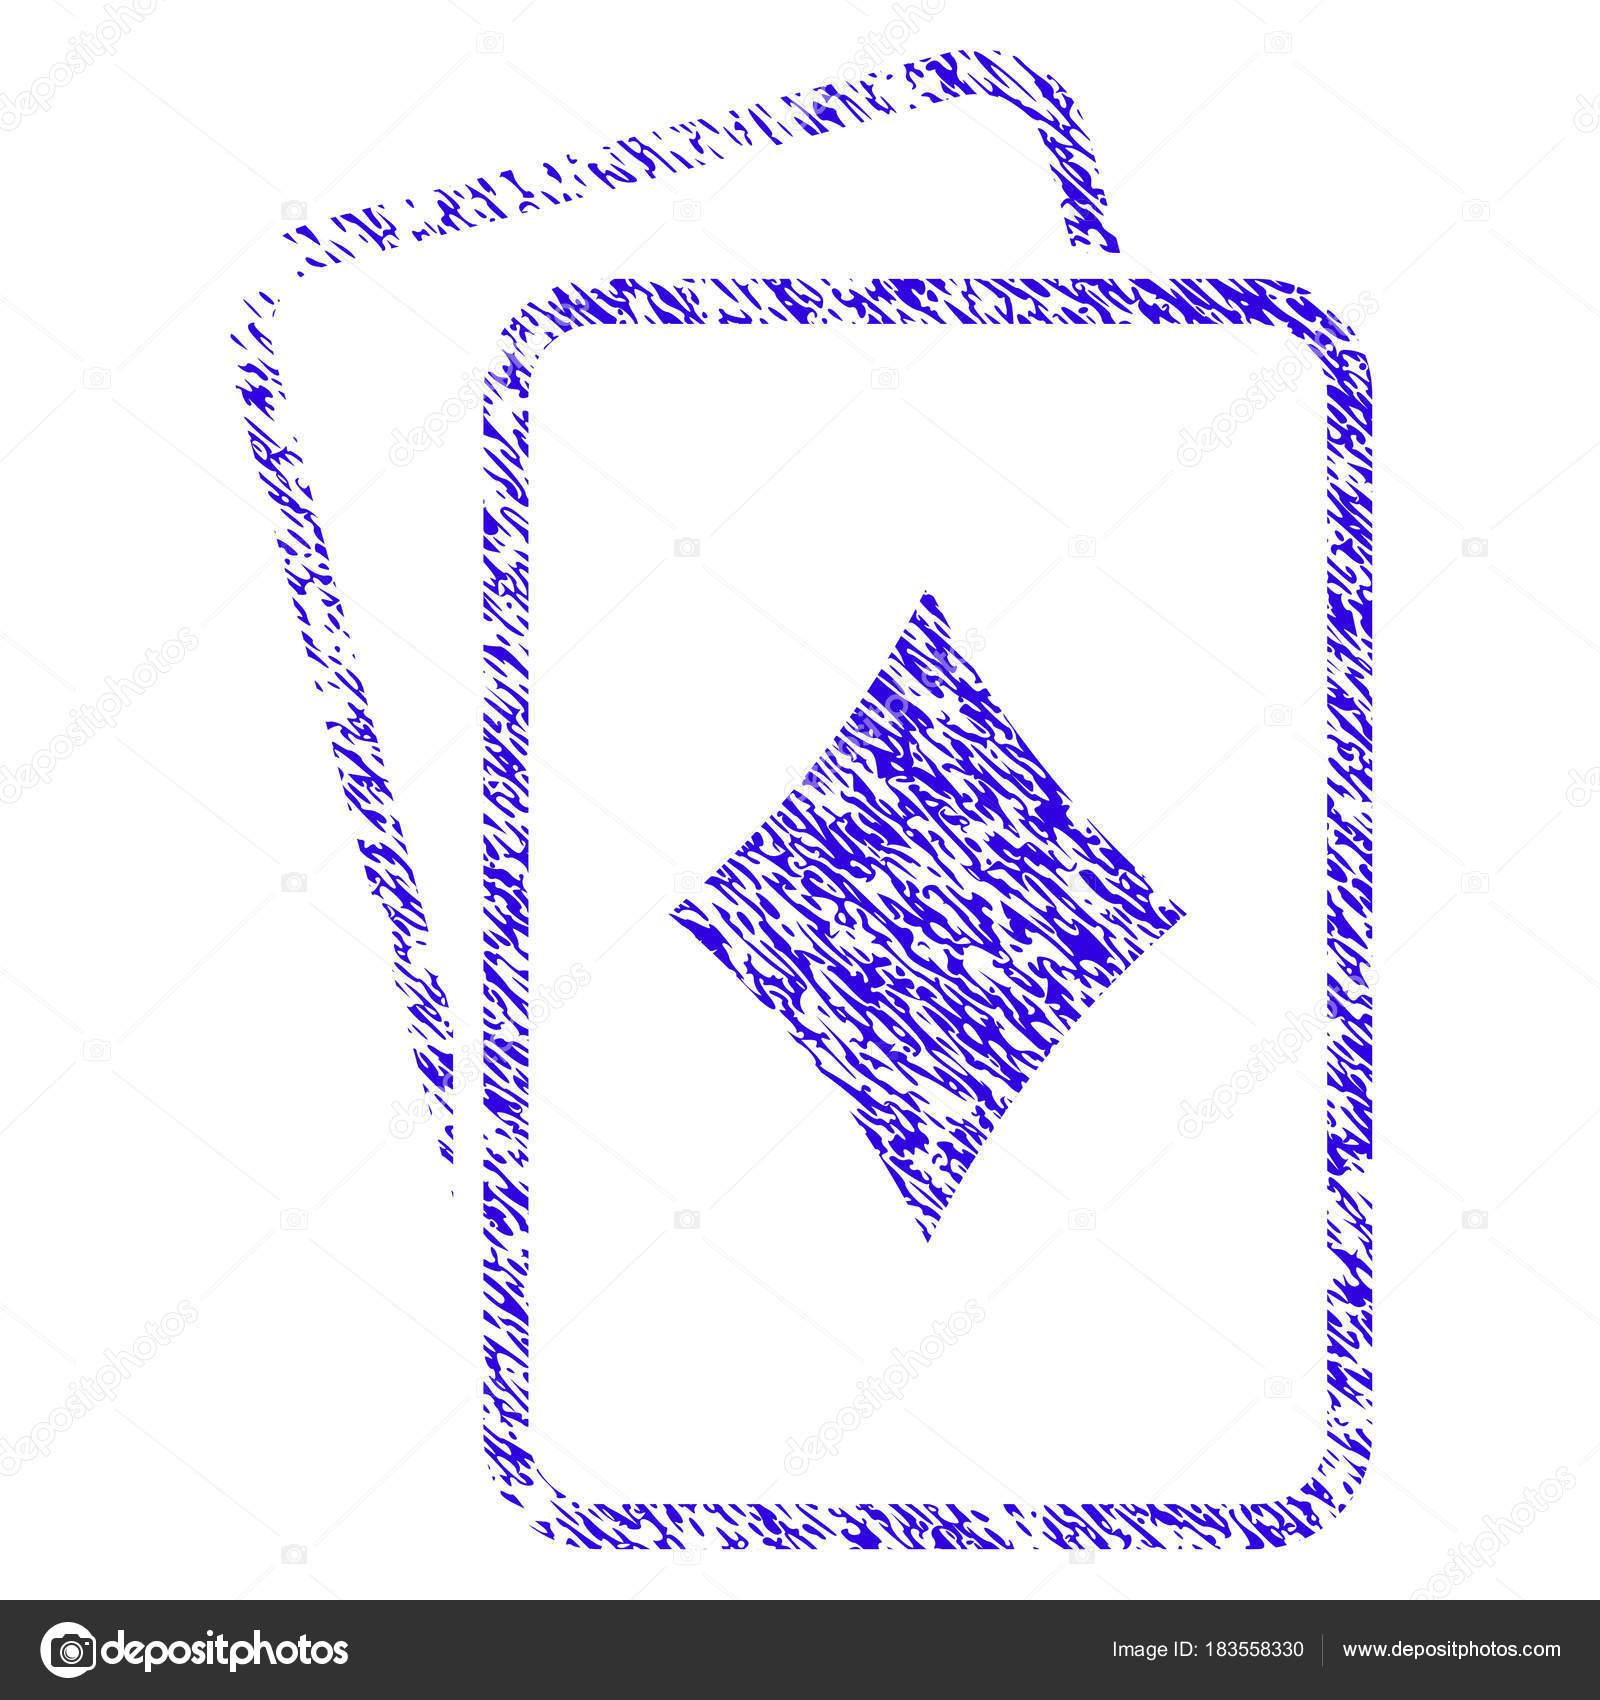 Diamantes juegos de azar cartas icono Grunge filigrana — Archivo ...